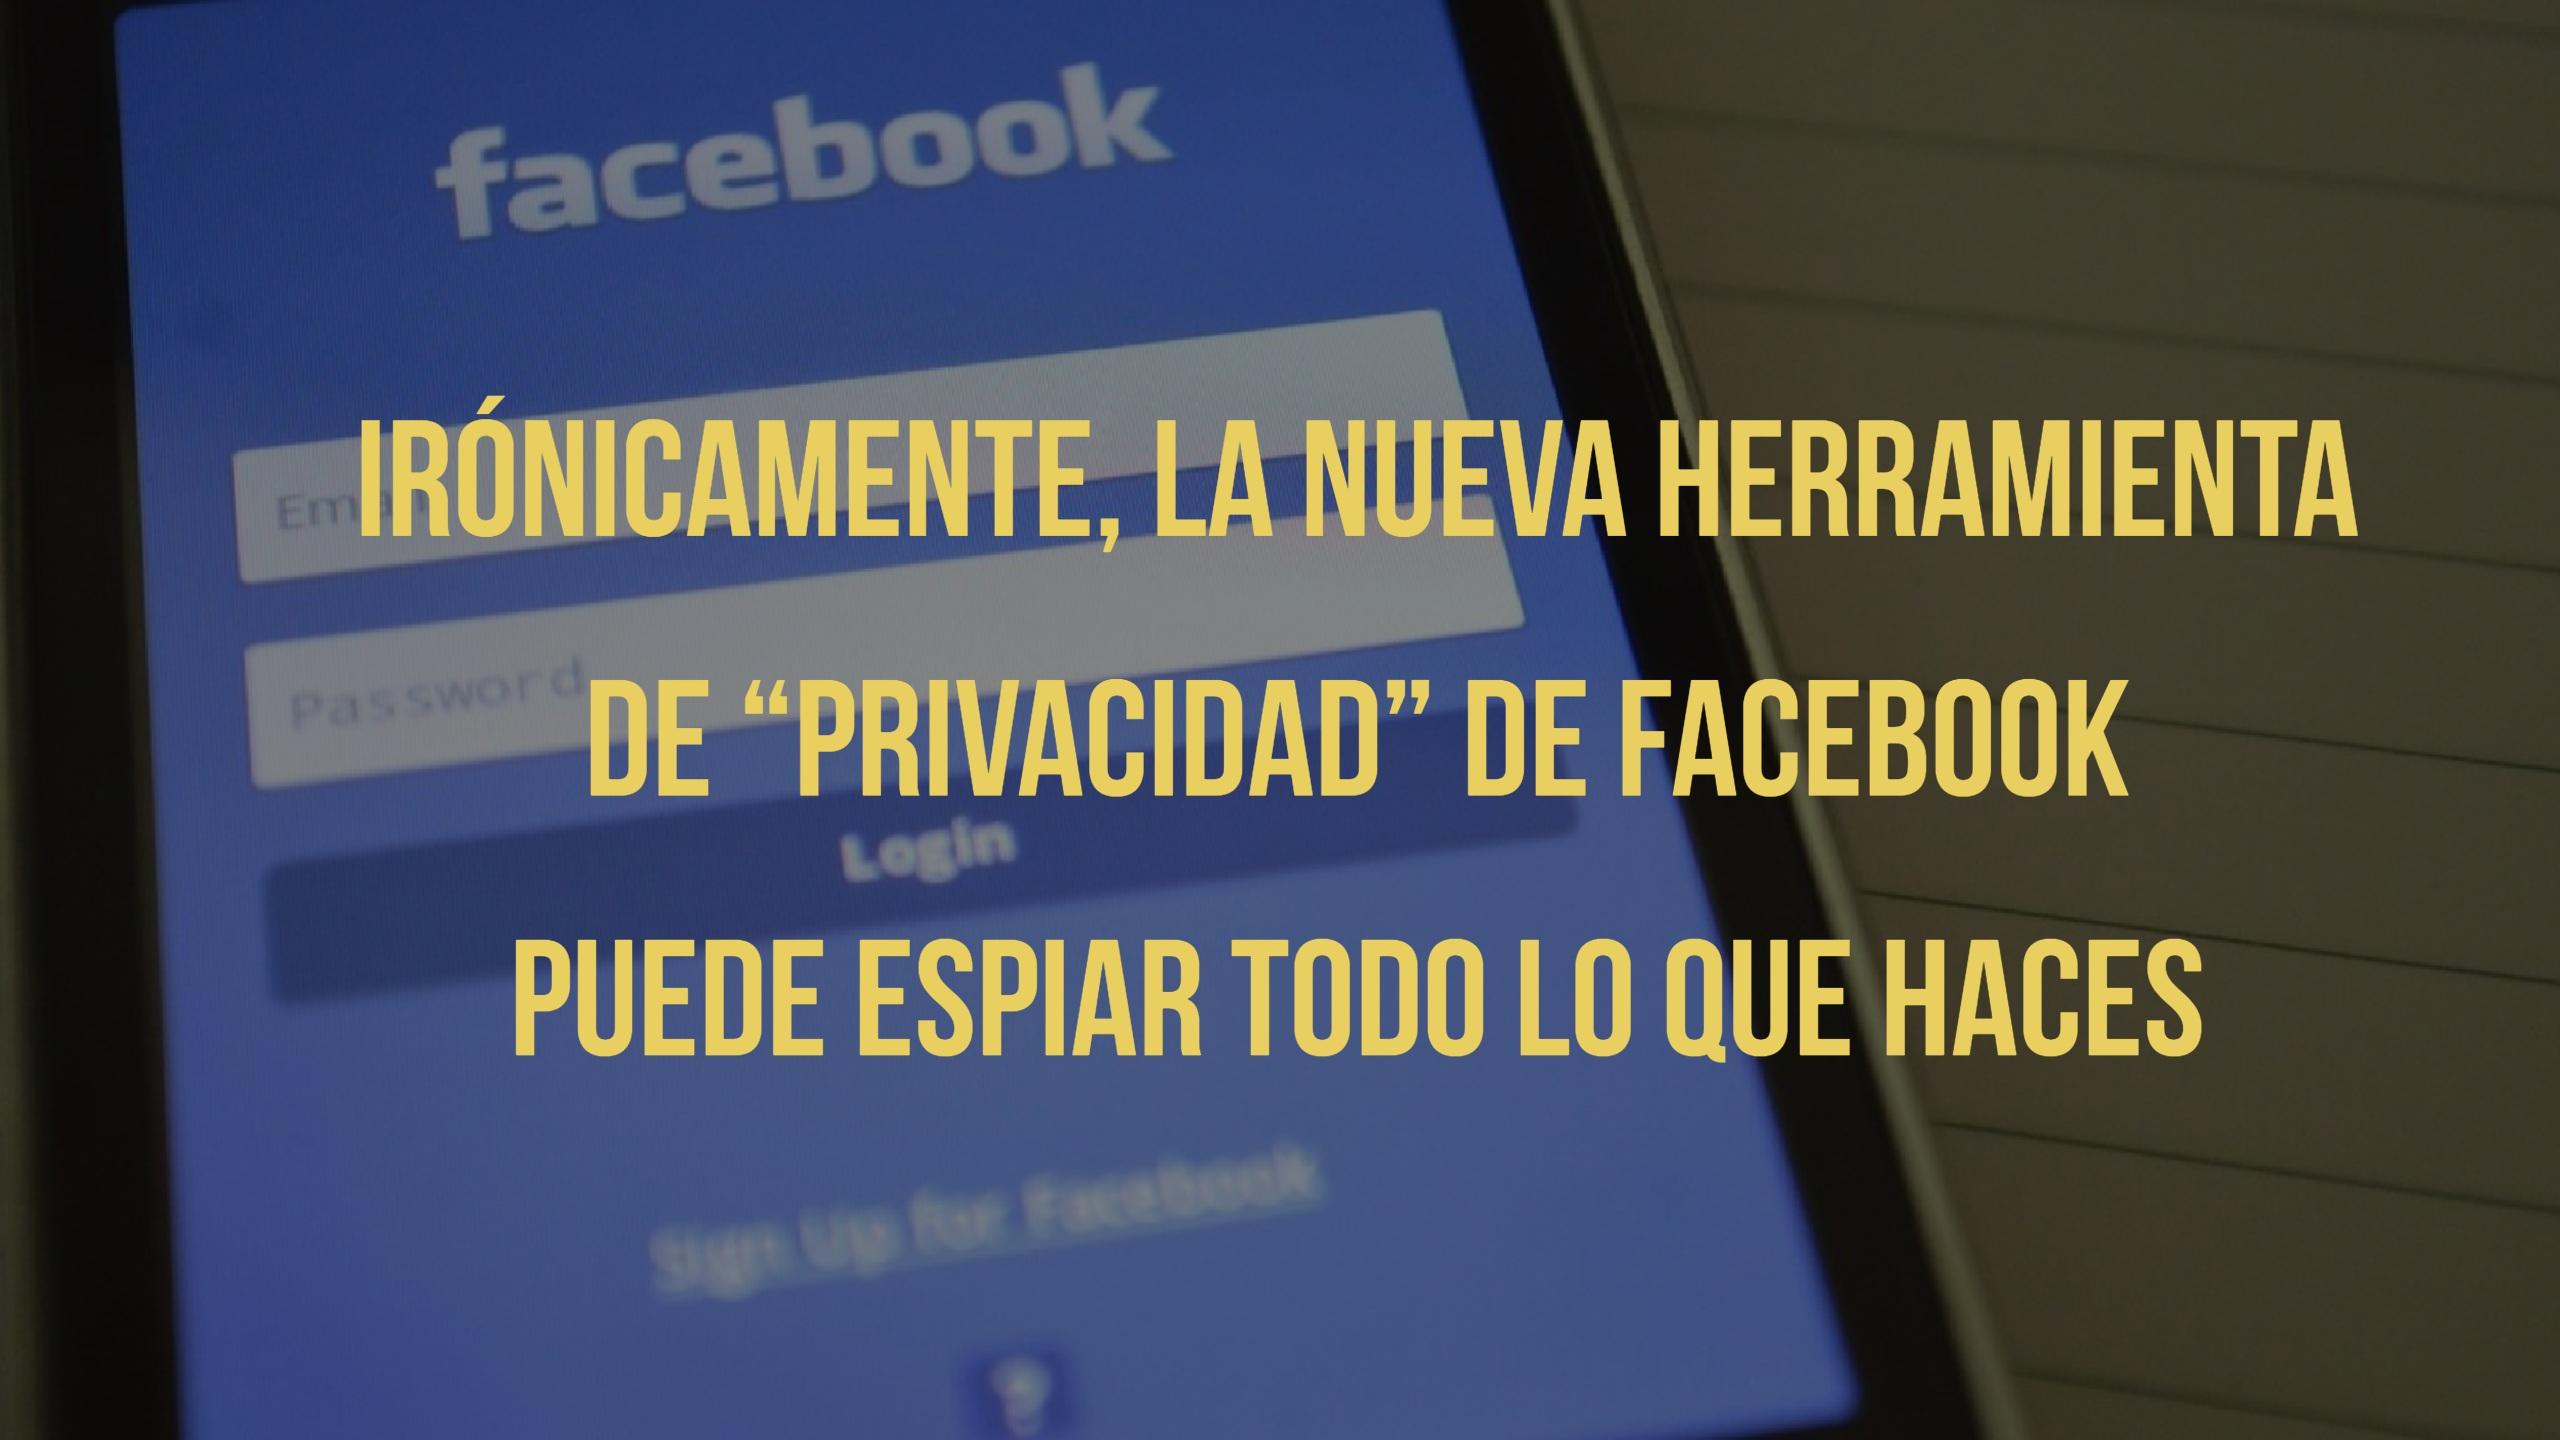 """Irónicamente, la nueva herramienta de """"privacidad"""" de Facebook puede espiar todo lo que haces"""